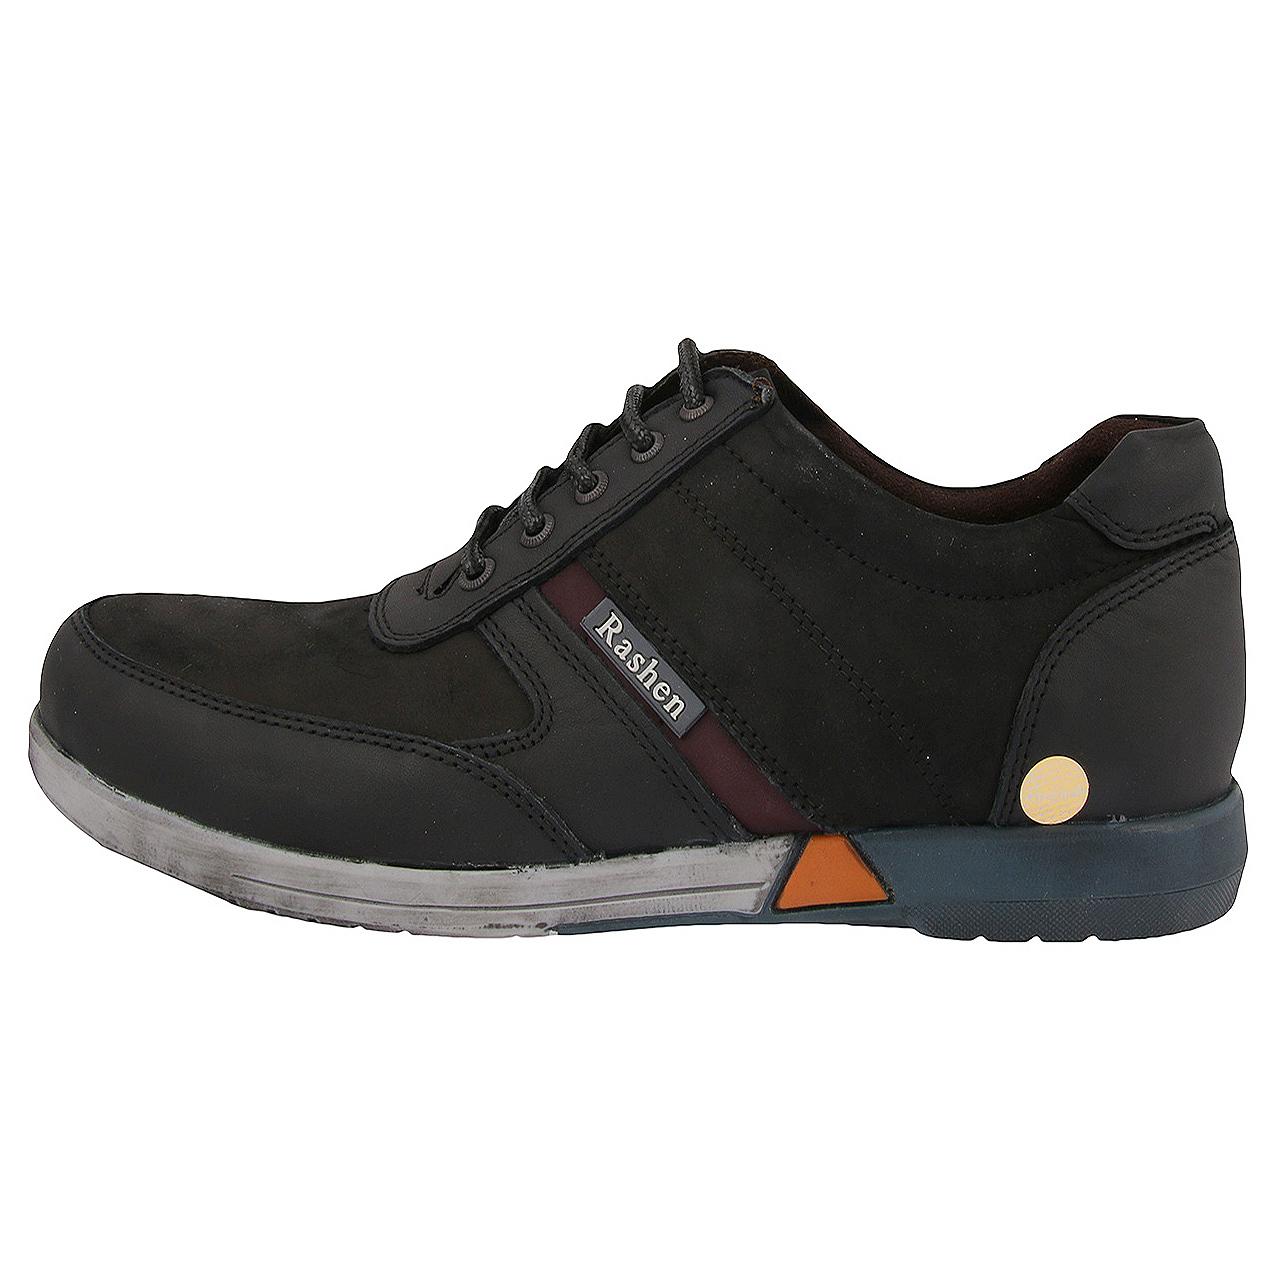 کفش راحتی مردانه راشین کد 280002902